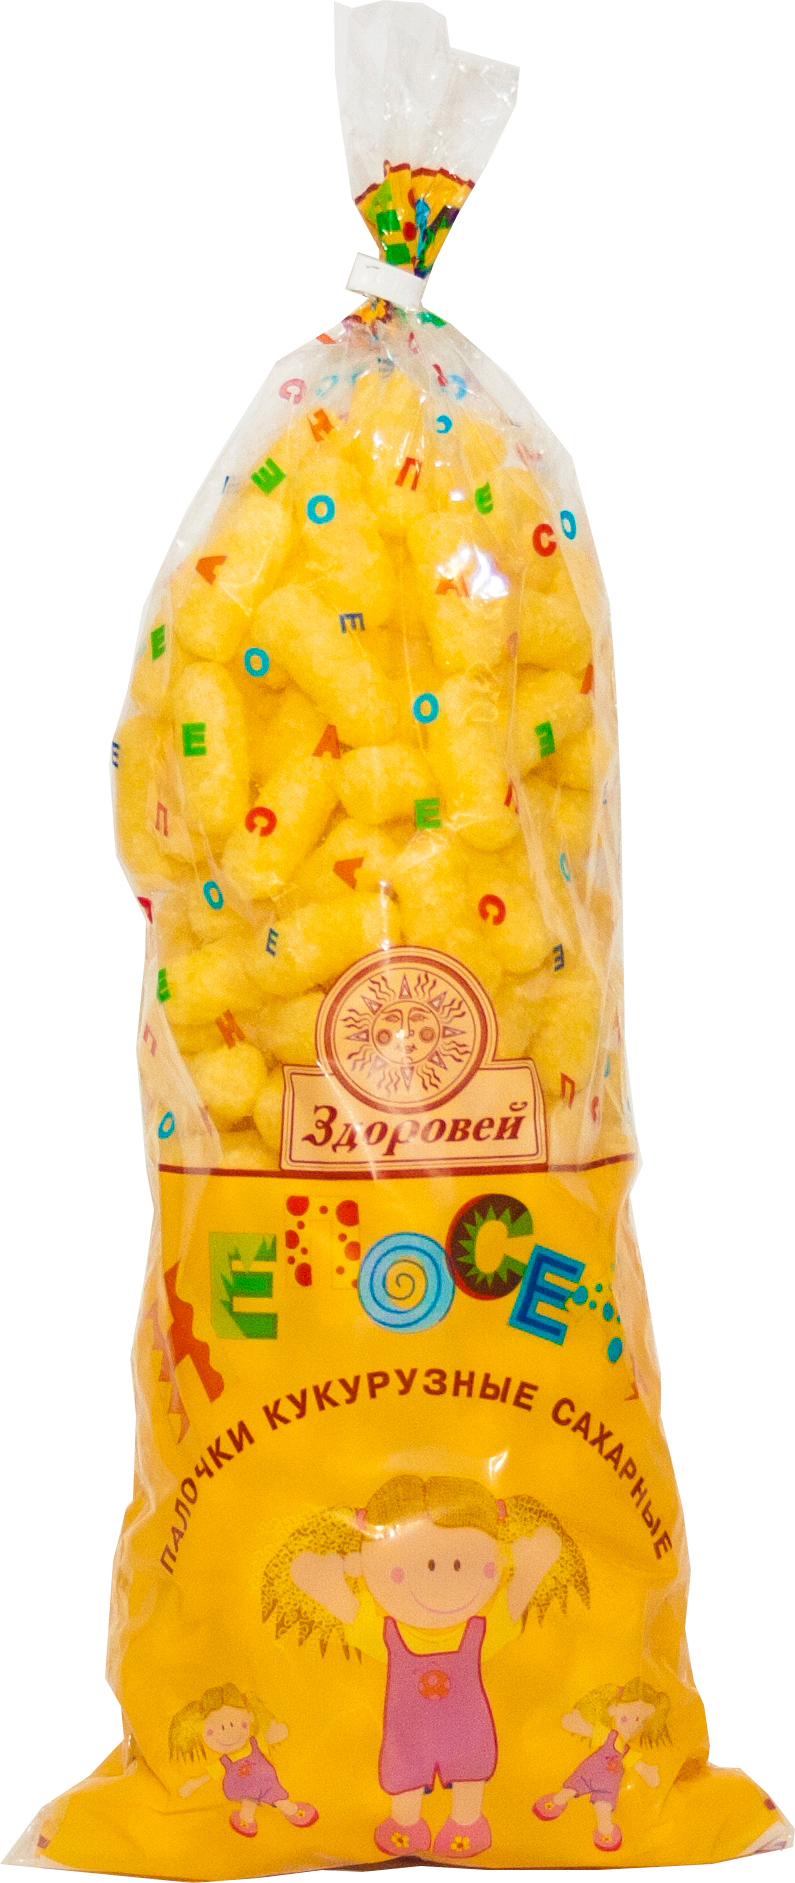 Непоседа палочки сахарные кукурузные, 100 г4607074910318Сладкие хрустящие кукурузные палочки без глютена прекрасно подойдут как для завтрака, так и для перекуса в течение дня для вашего ребенка. Они уже готовы к употреблению, не испортятся даже летом, и их размер подойдет для любого возраста. Даже непоседы-малыши с удовольствием хрустят этими кукурузными палочками. Кукурузные палочки являются любимым лакомством малышей.